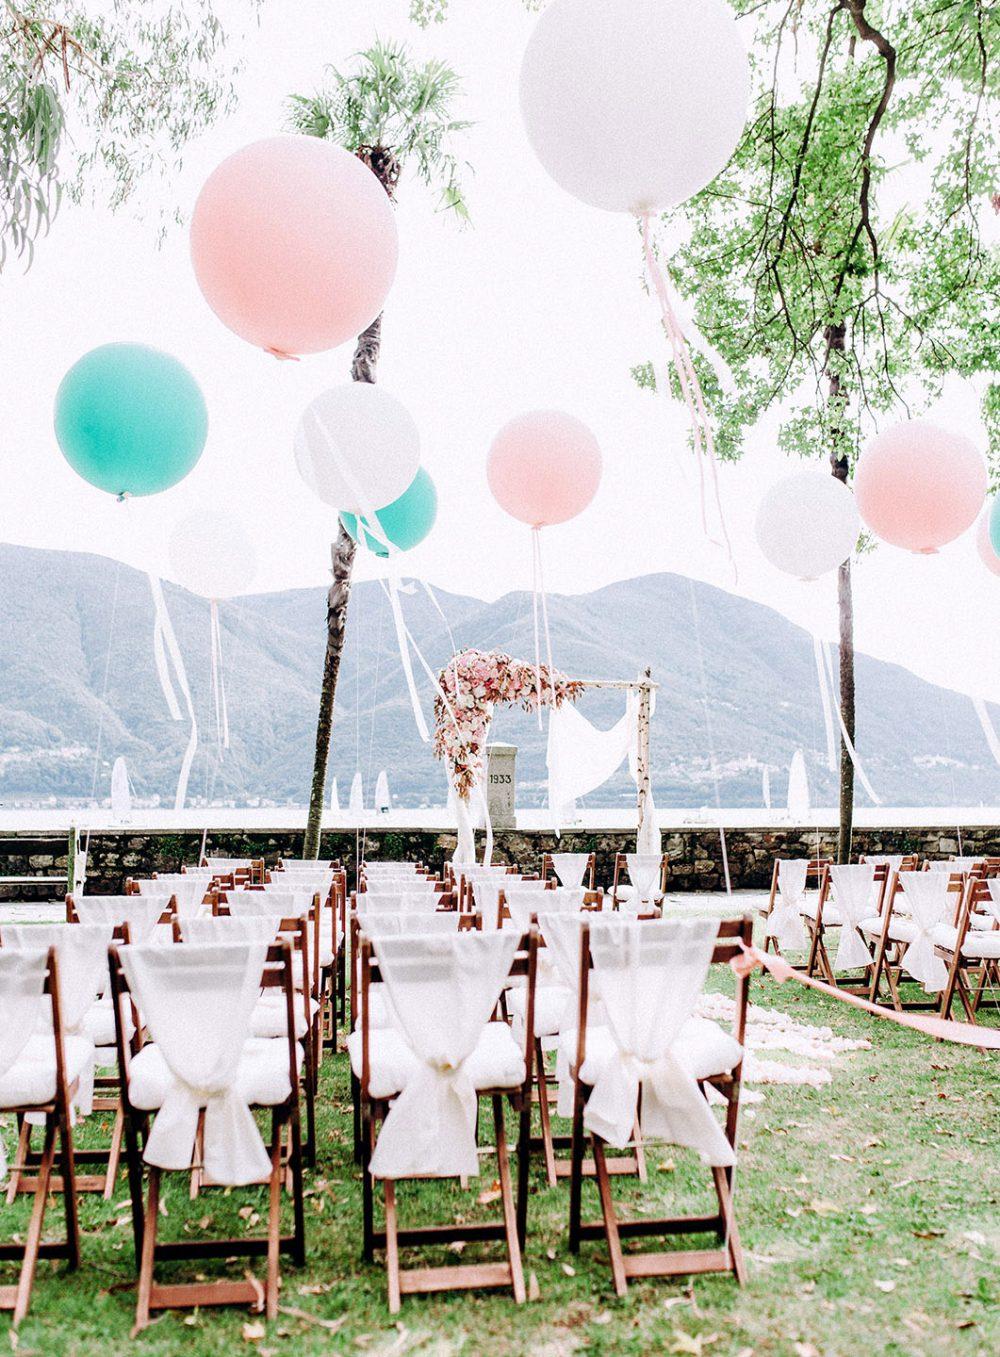 Hochzeit Isole di Brissago Ticino Tessin Floral Arch Blumenbogen Flower Arch Vintage Hochzeitsdekoration Hochzeitsblumen Tabea Maria-Lisa Pink Rosa Weiss Riesenballon